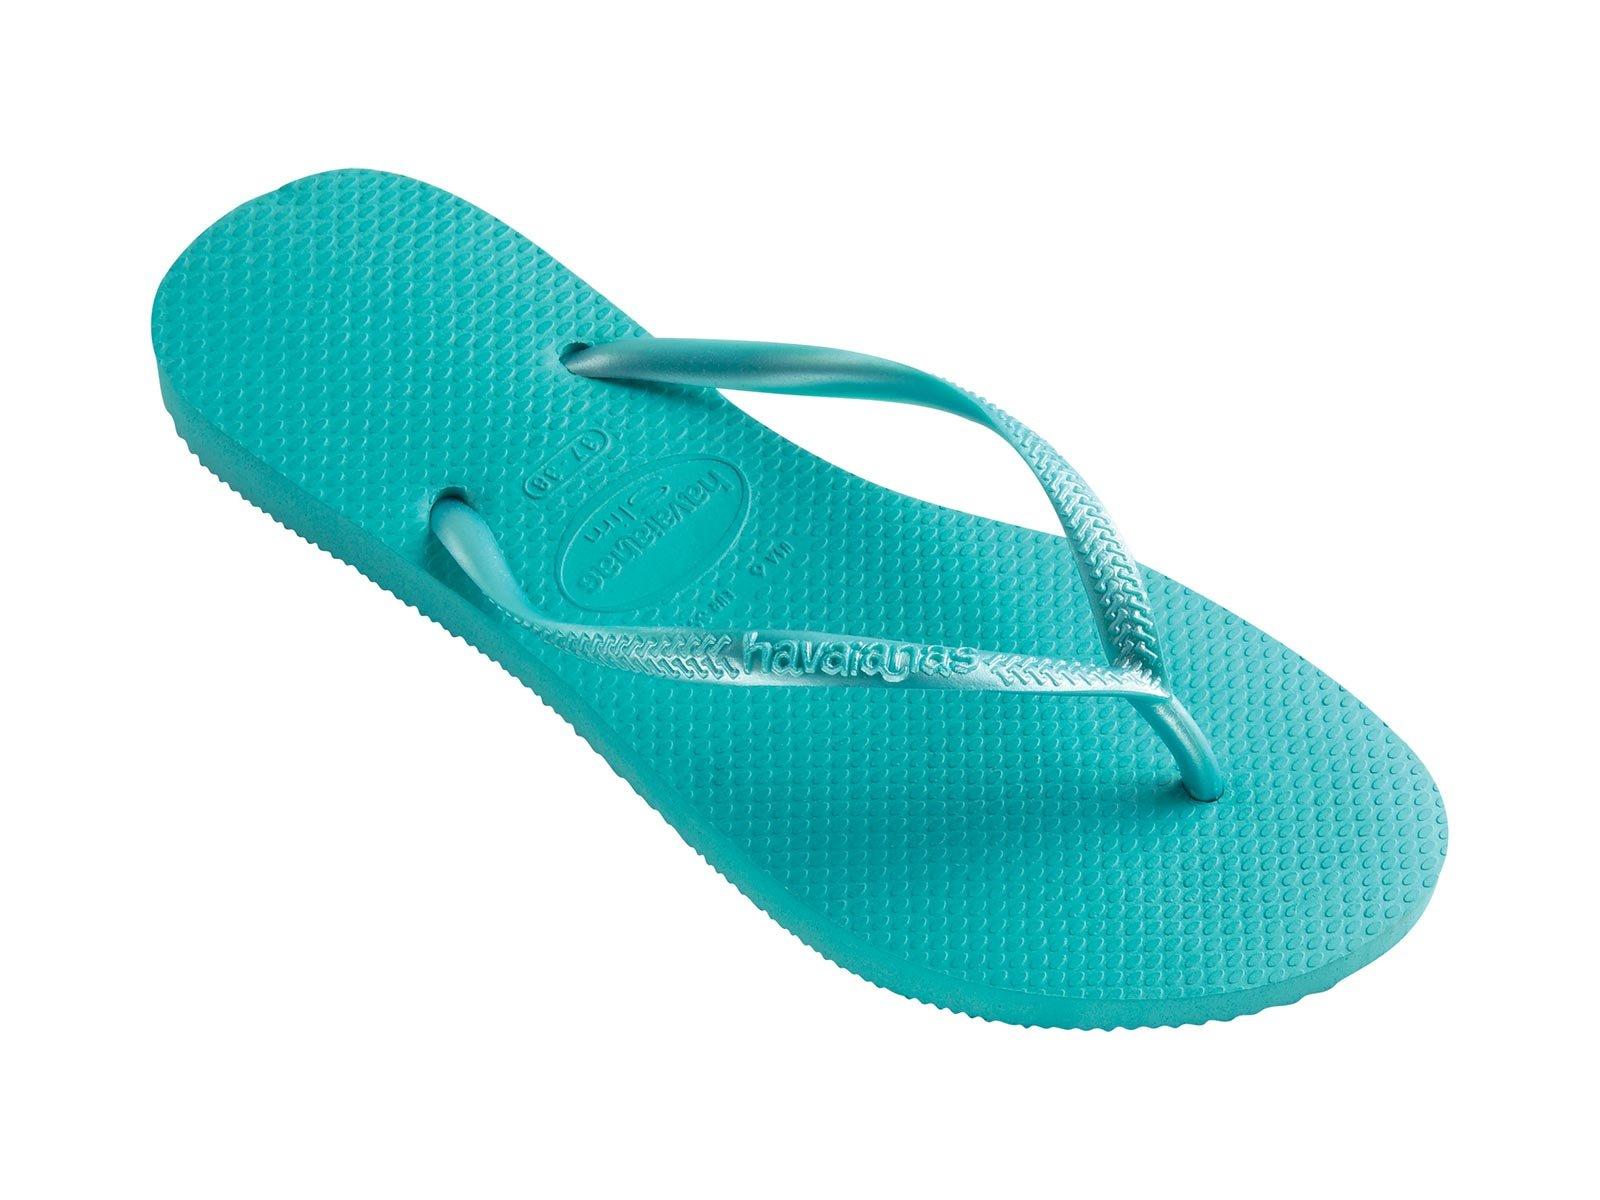 Flip-Flops Flip-Flops - Slim Pool Green - Brand Havaianas-6468